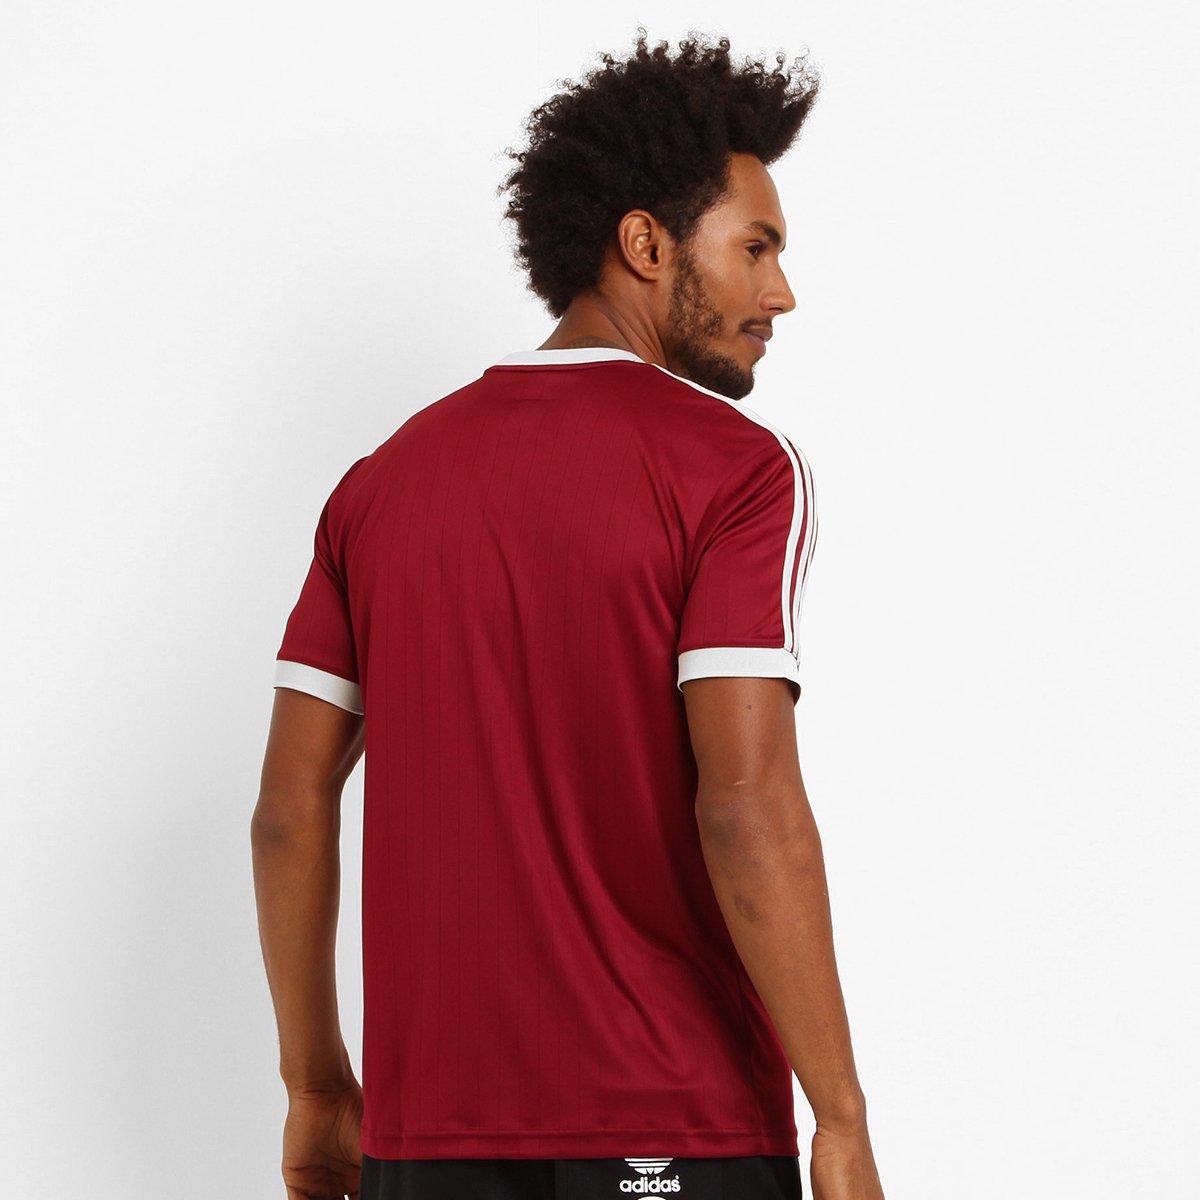 d239e7934e Camiseta Adidas Originals Adv Club  Camiseta Adidas Originals Adv Club ...